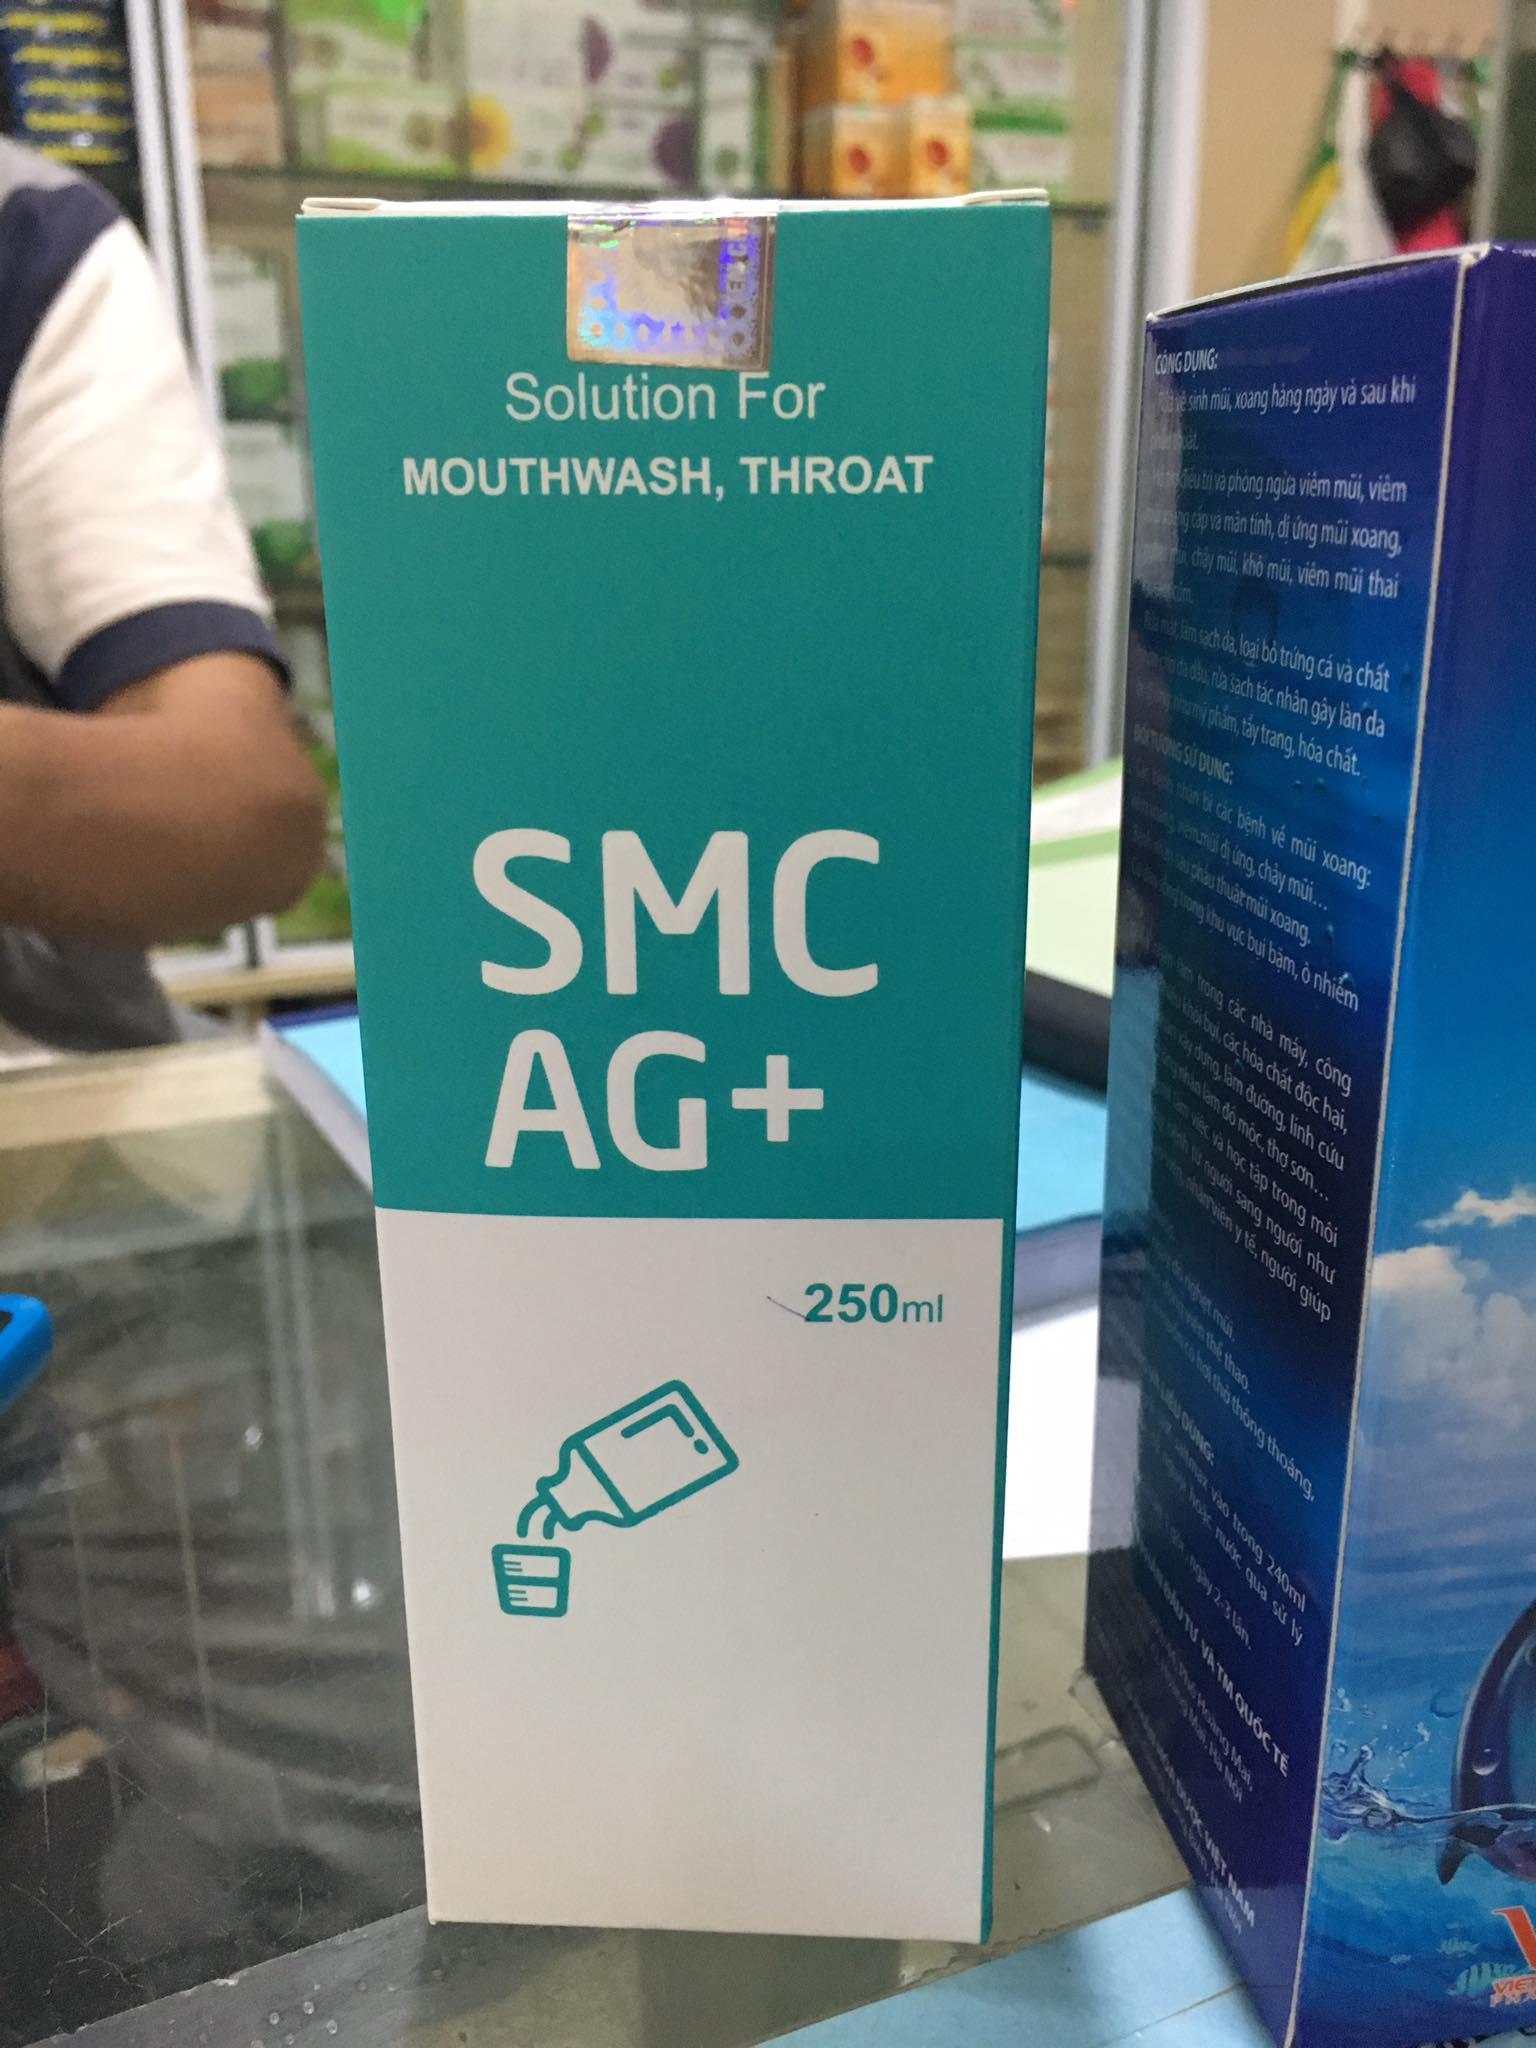 SMC AG